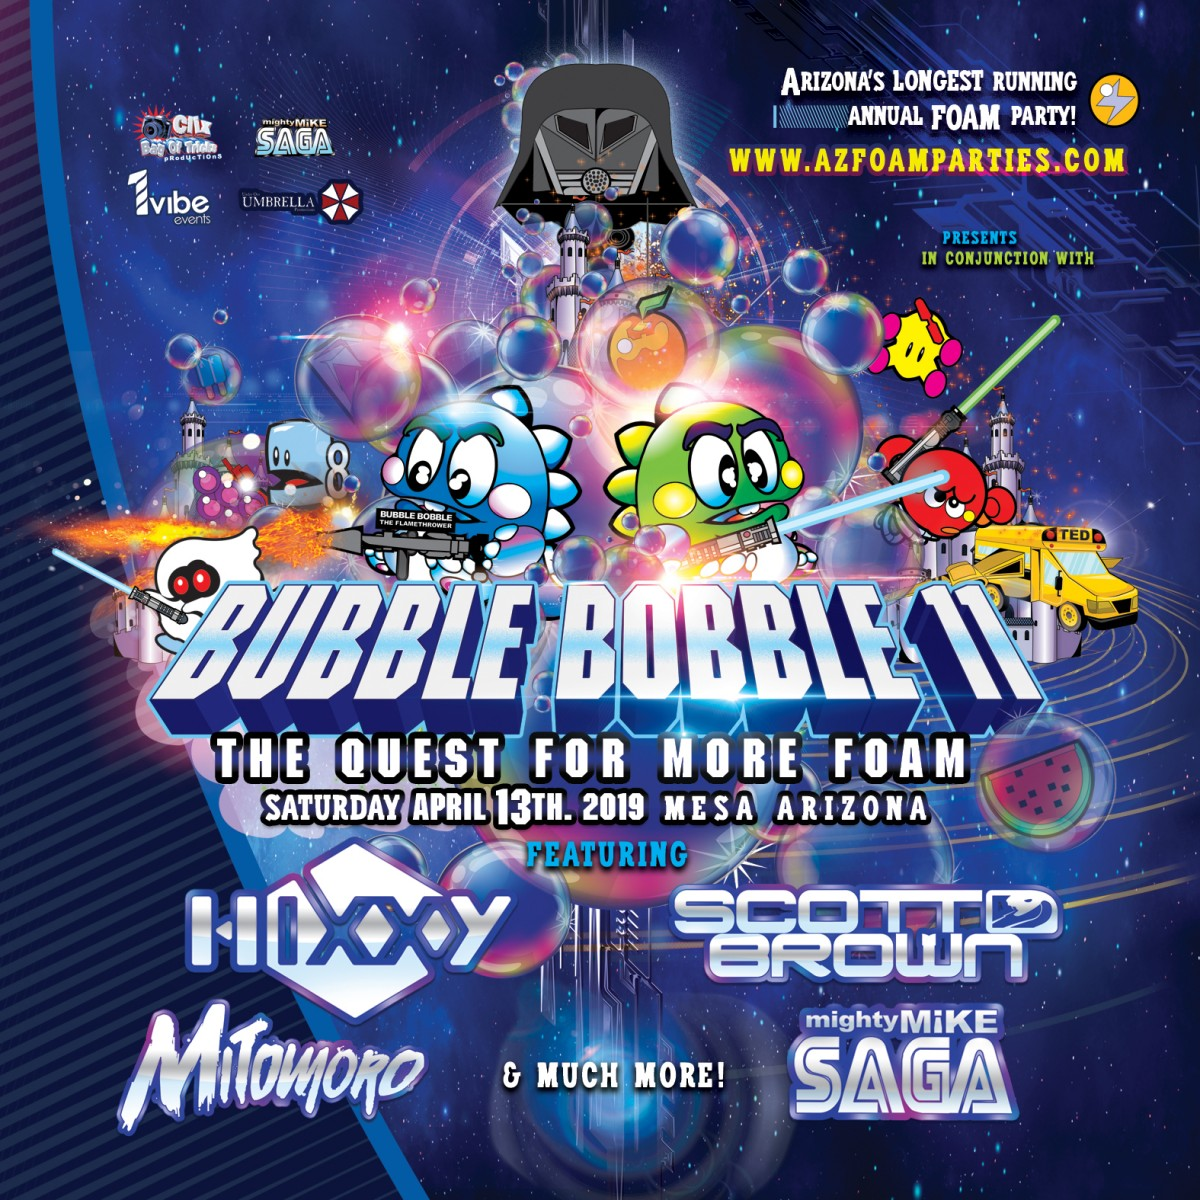 Flyer for Bubble Bobble 11